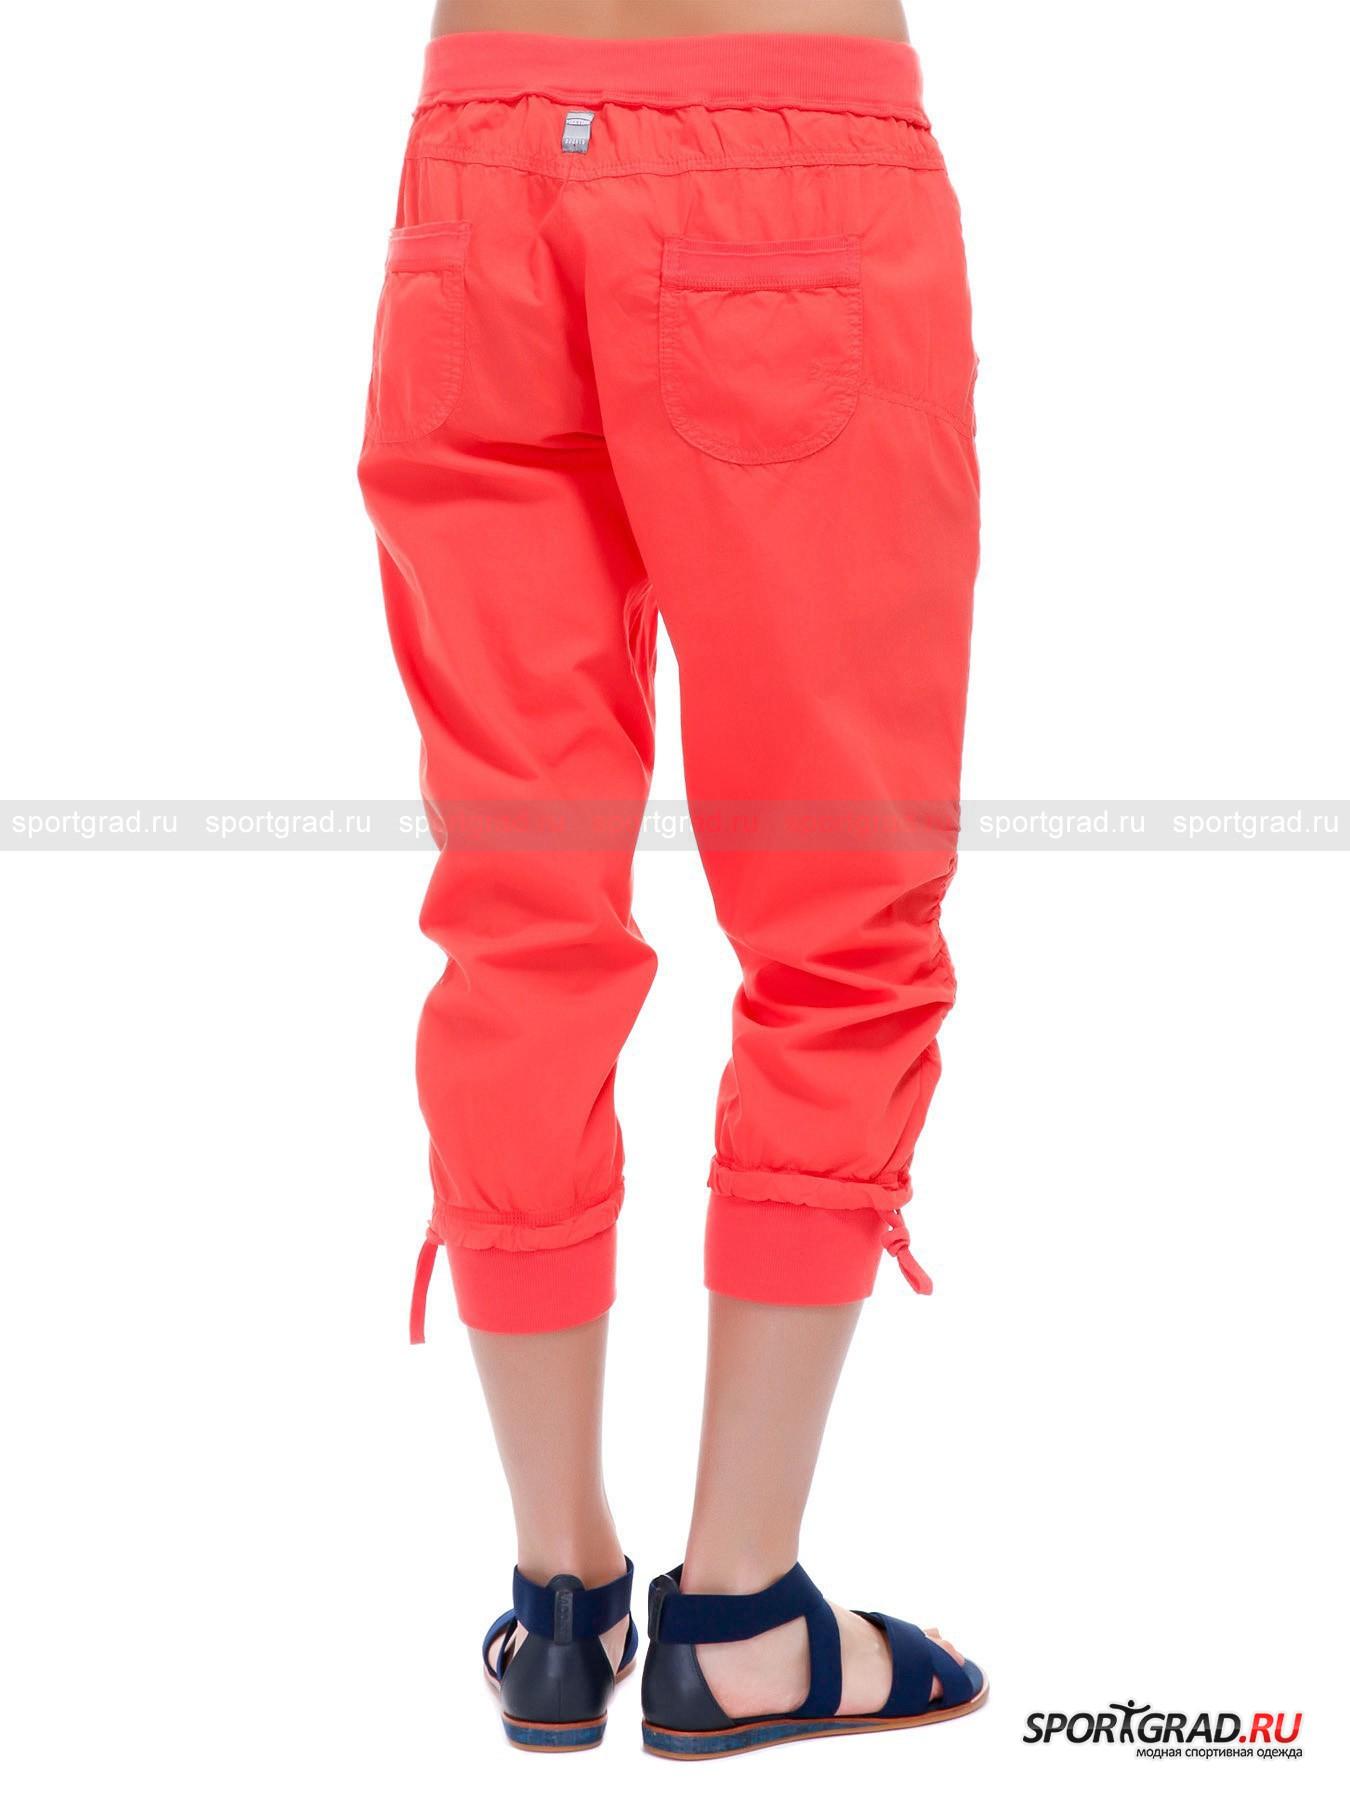 Капри брюки с доставкой